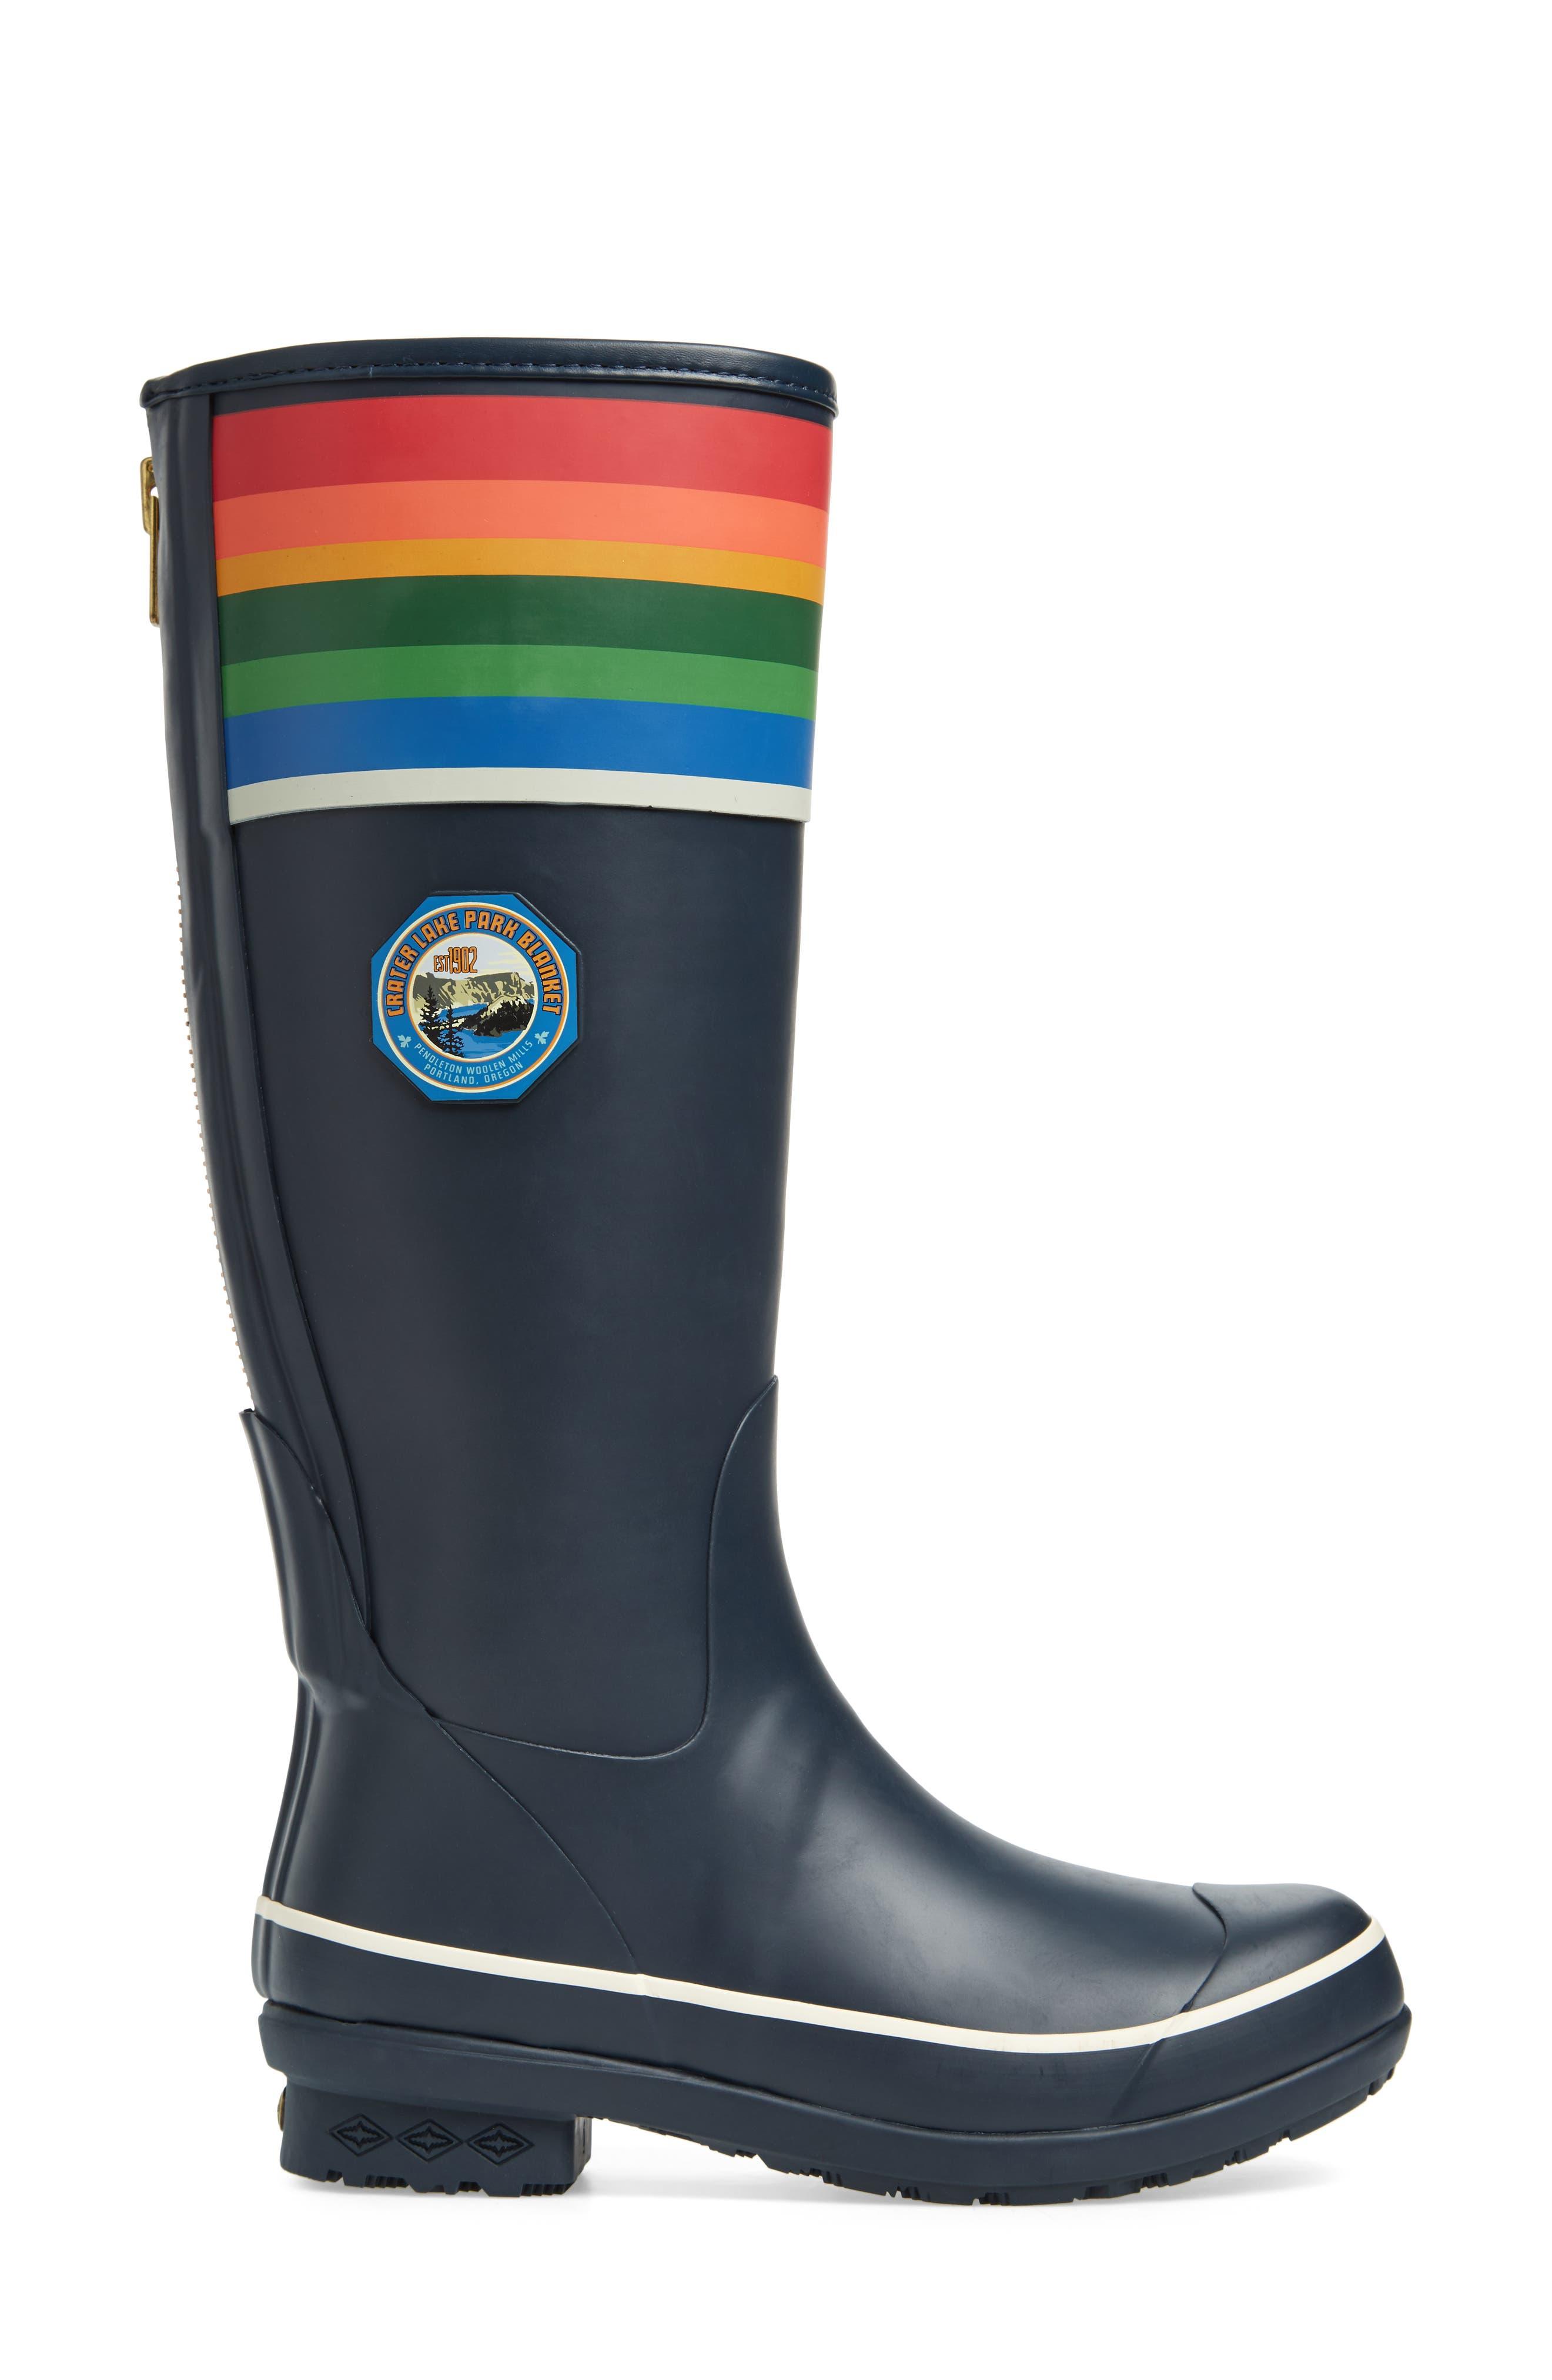 Pendleton Crater Lake National Park Tall Rain Boot,                             Alternate thumbnail 3, color,                             Blue